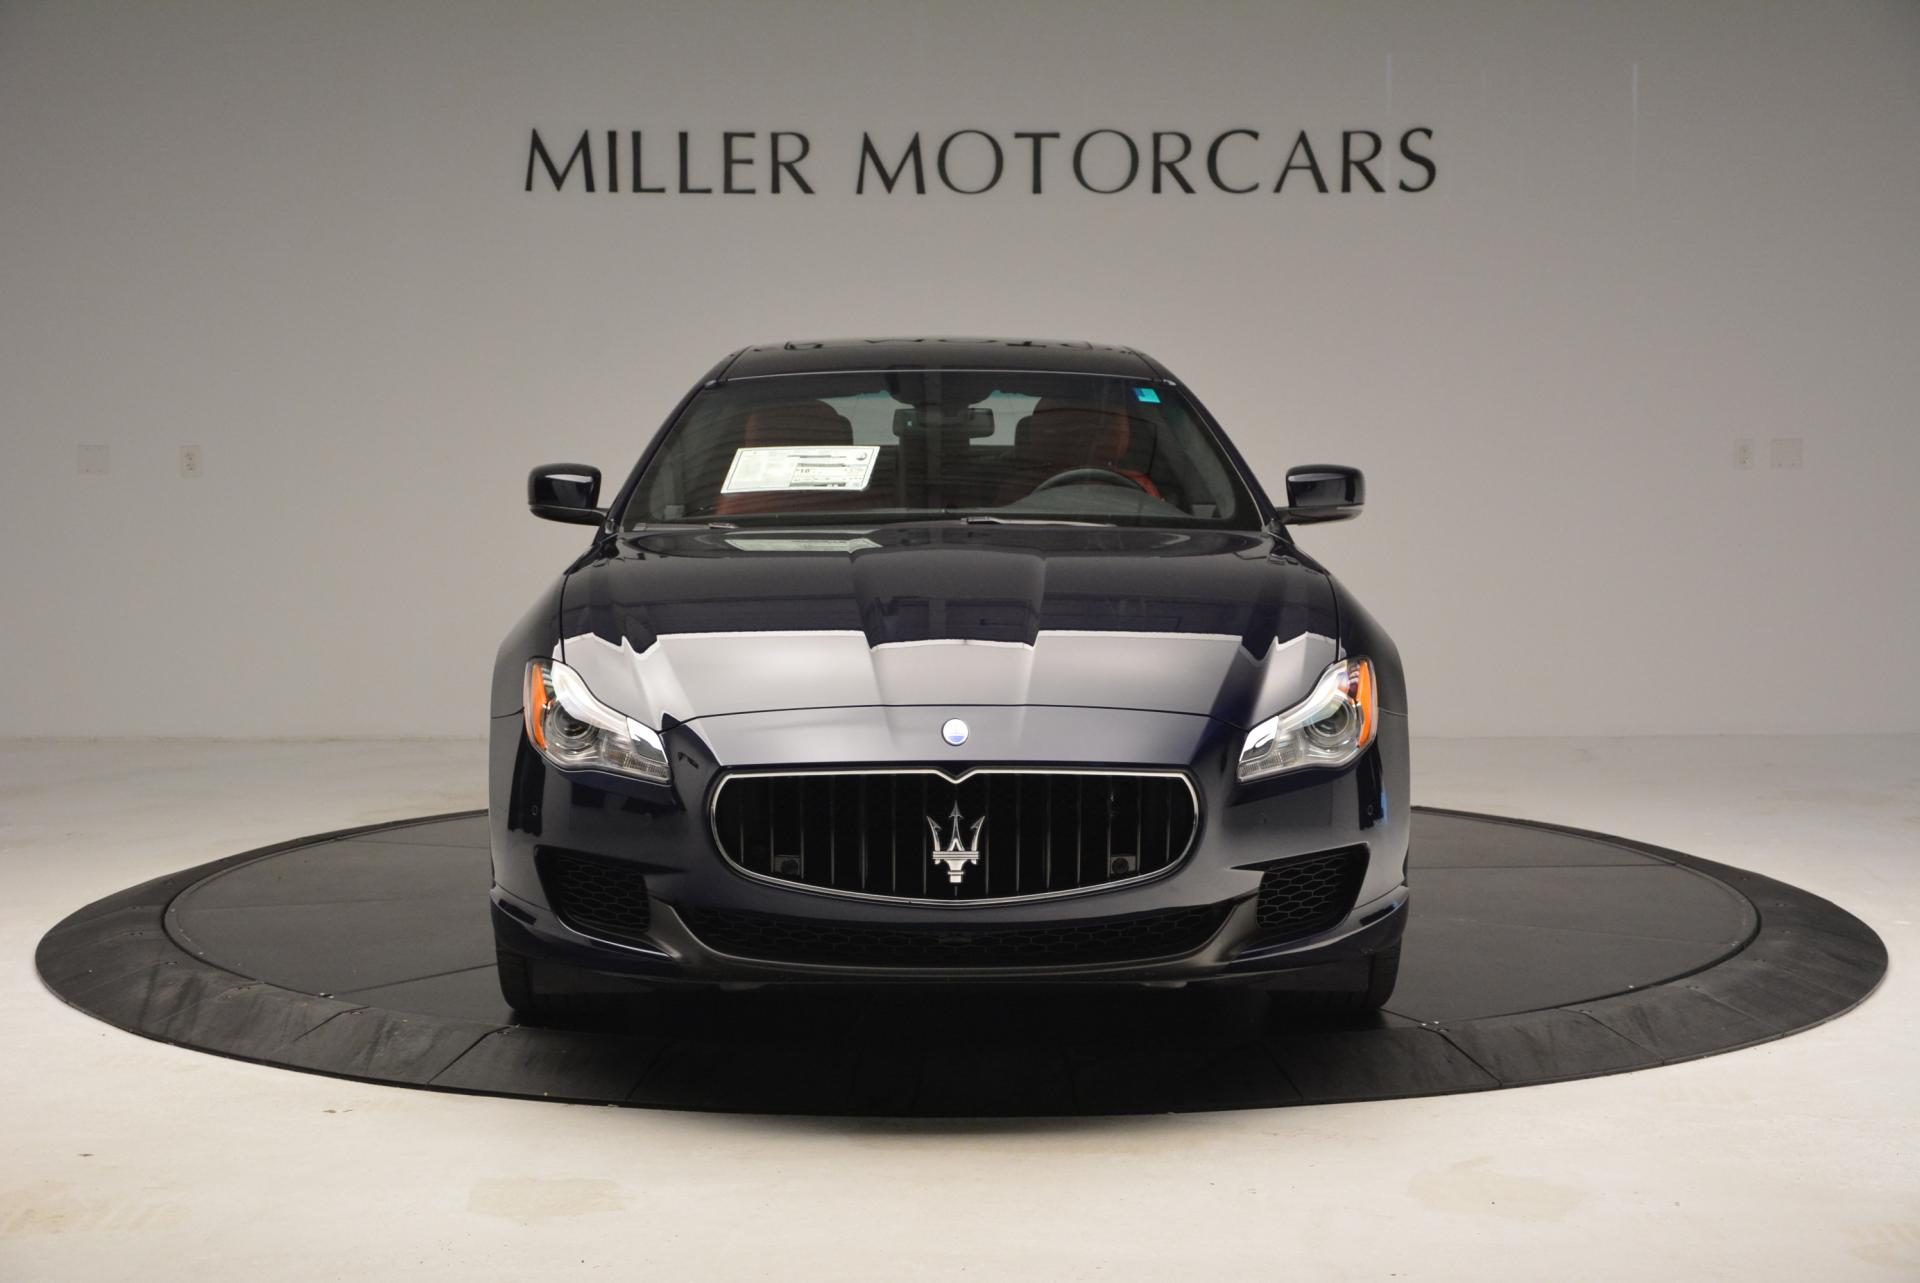 New 2016 Maserati Quattroporte S Q4  *******      DEALER'S  DEMO For Sale In Greenwich, CT 185_p13